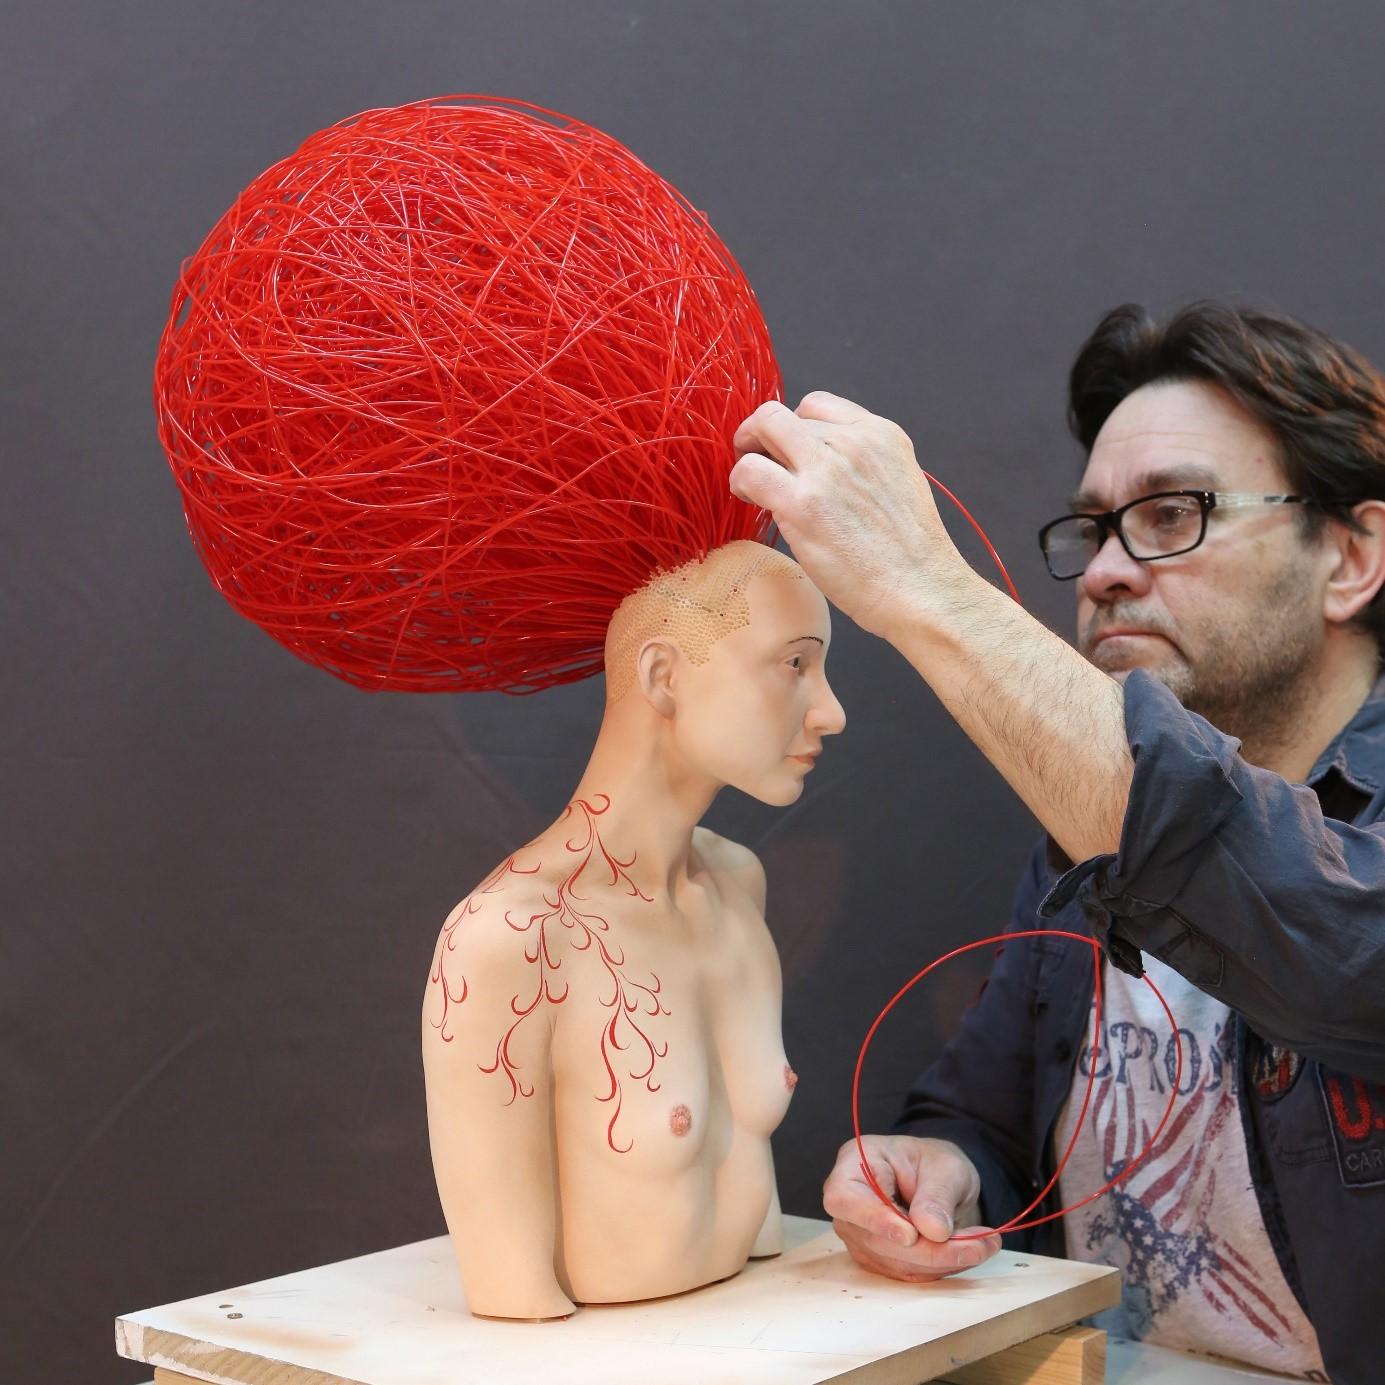 Du Musée Grévin à l'oeuvre d'art : Stéphane Barret, sculpteur hyperréaliste